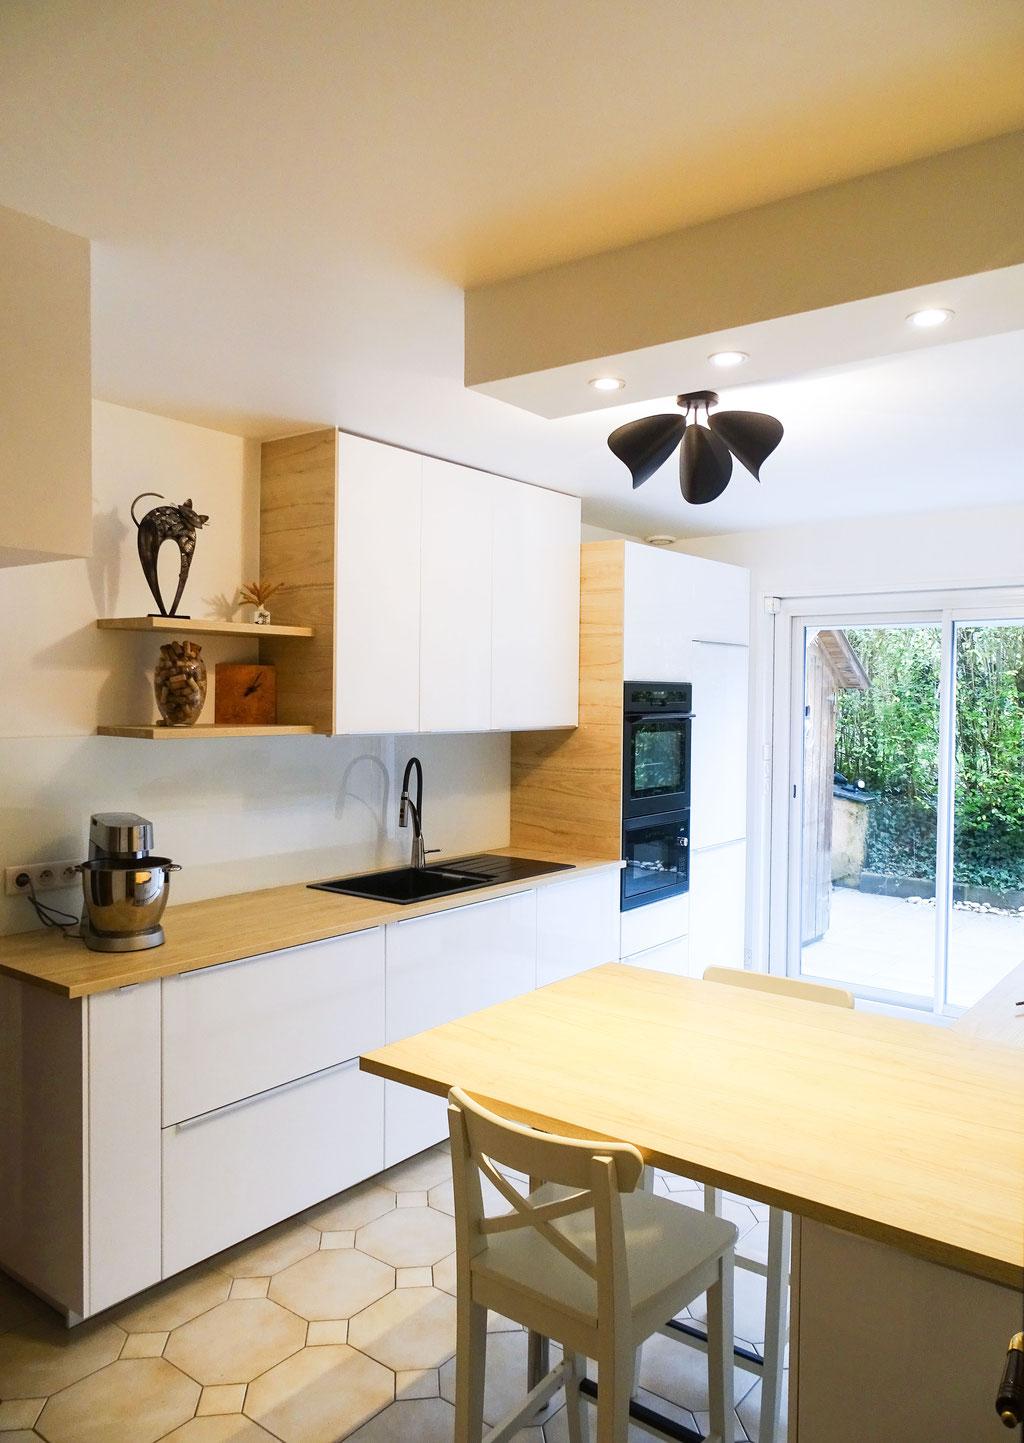 AL Intérieurs, agence architecture intérieur et décoration lyon, rénovation d'une cuisine aux teintes scandinaves, de nombreux rangements optimisés